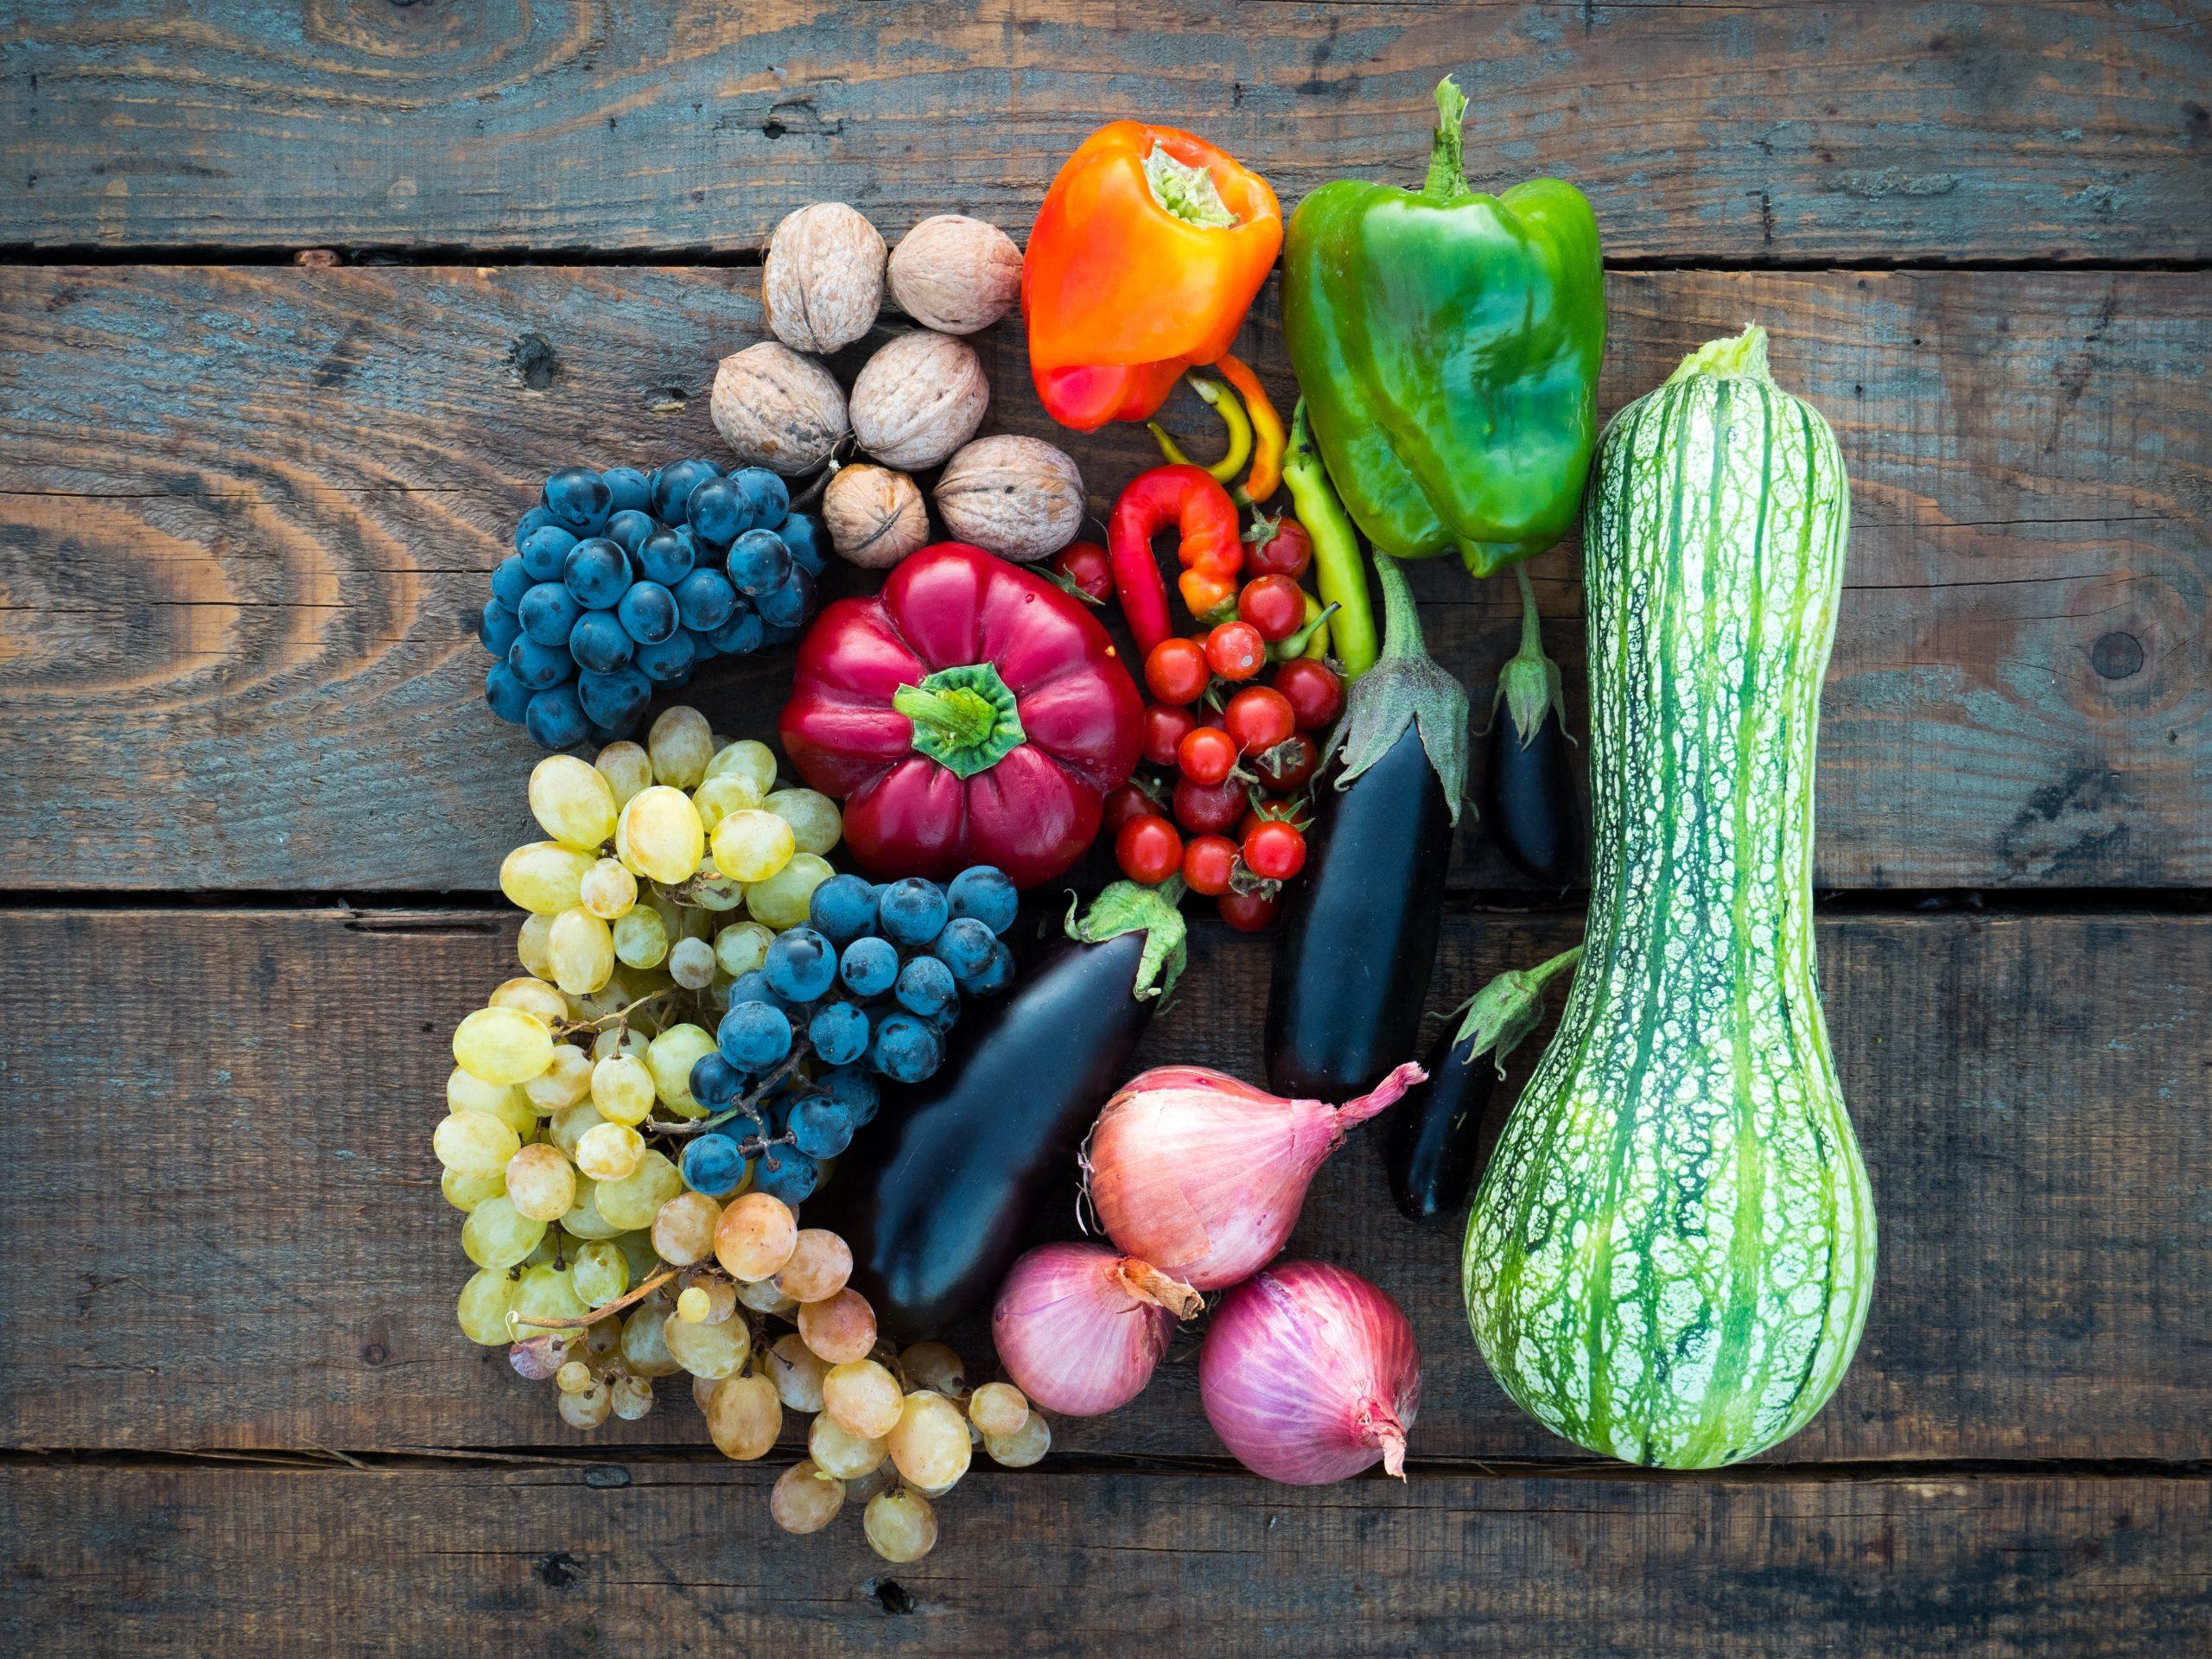 masse forskjellige grønnsaker